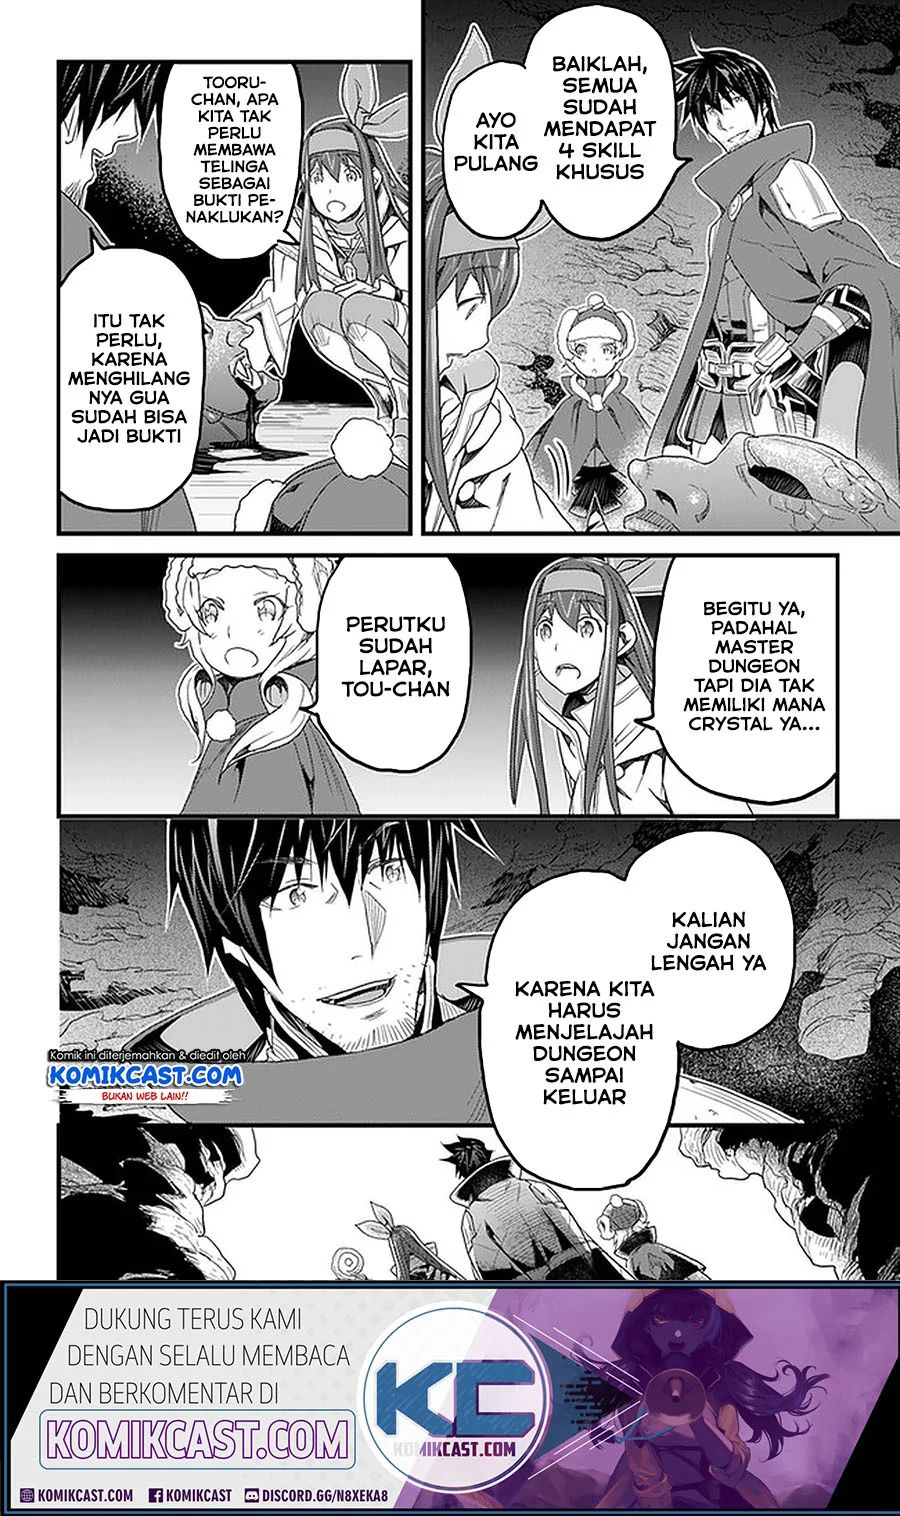 Yakudatazu Skill Ni Jinsei O Sosogikomi 25-nen, Imasara Saikyou No Boukentan Midori Kashi No Akira Chapter 16.2